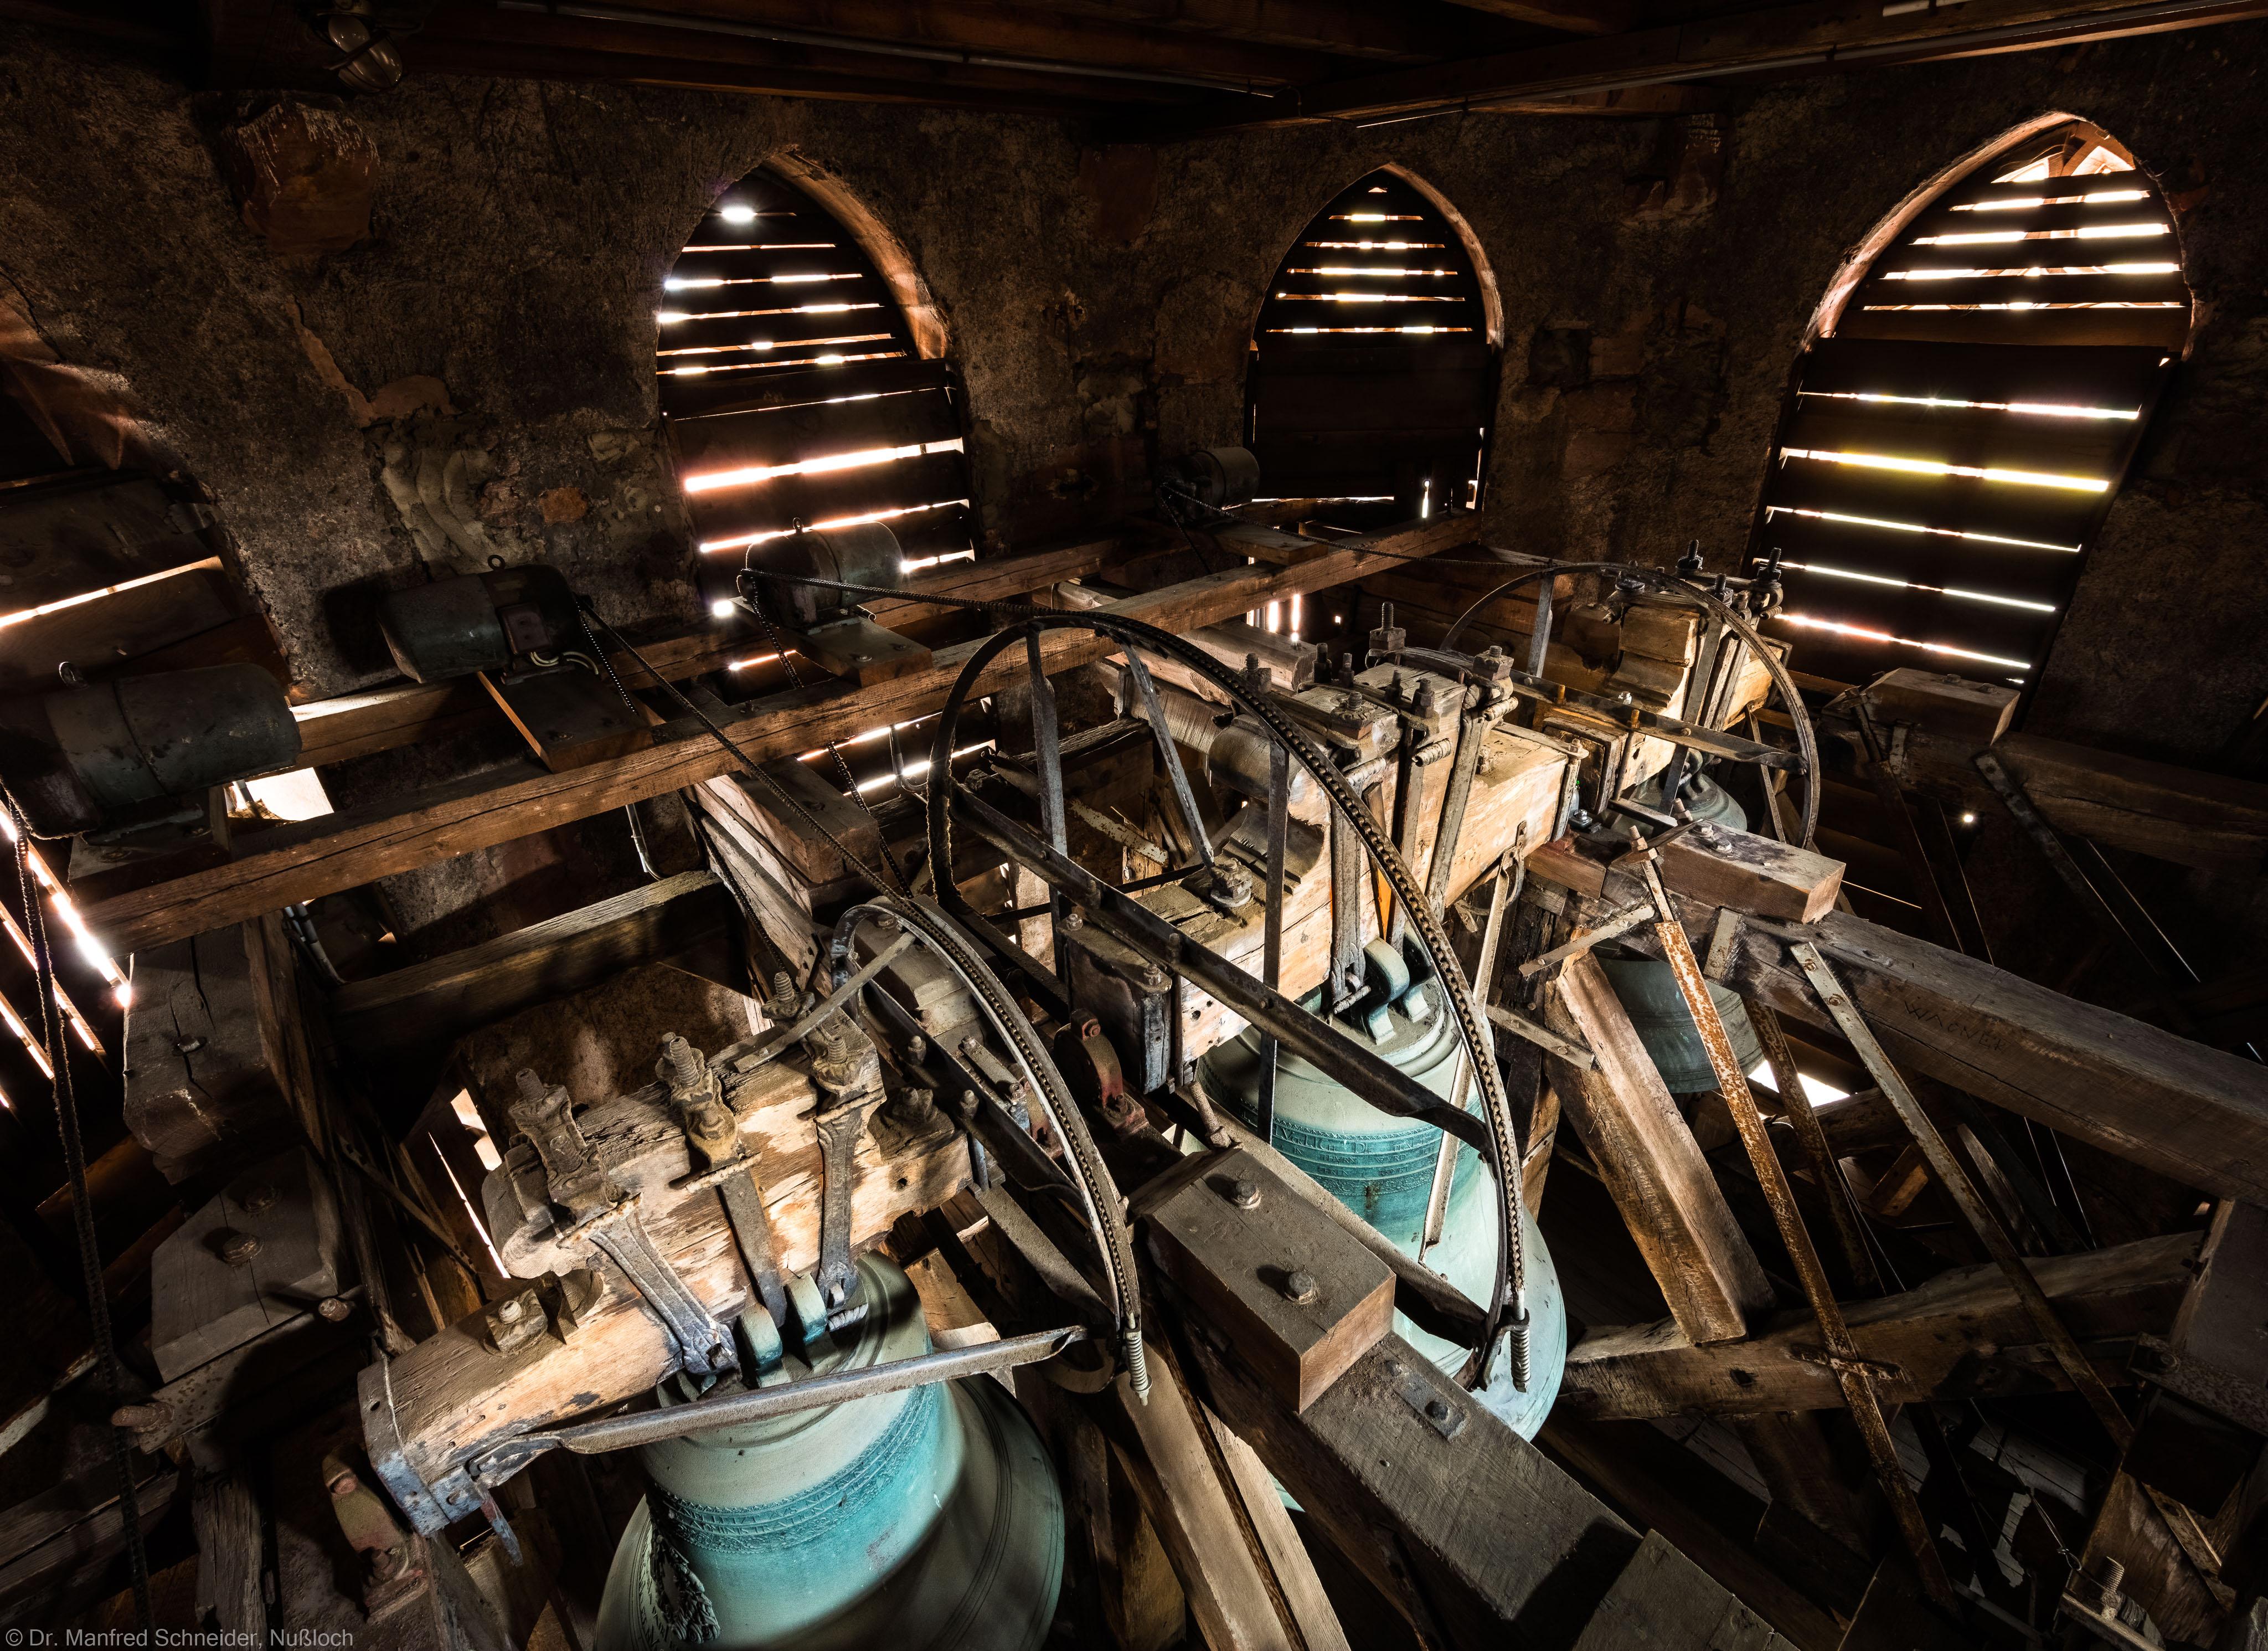 Heidelberg - Heiliggeistkirche - Glockenstuhl - 3 der 4 Glocken, von Südosten aus gesehen (v.l.n.r.: Dreifaltigkeit-Glocke (Durchmesser 93 cm), Christus-Glocke (Durchmesser 144 cm) und Maria-Glocke (Durchmesser 118,5 cm), alle von 1738 (aufgenommen im November 2015, am späten Vormittag)